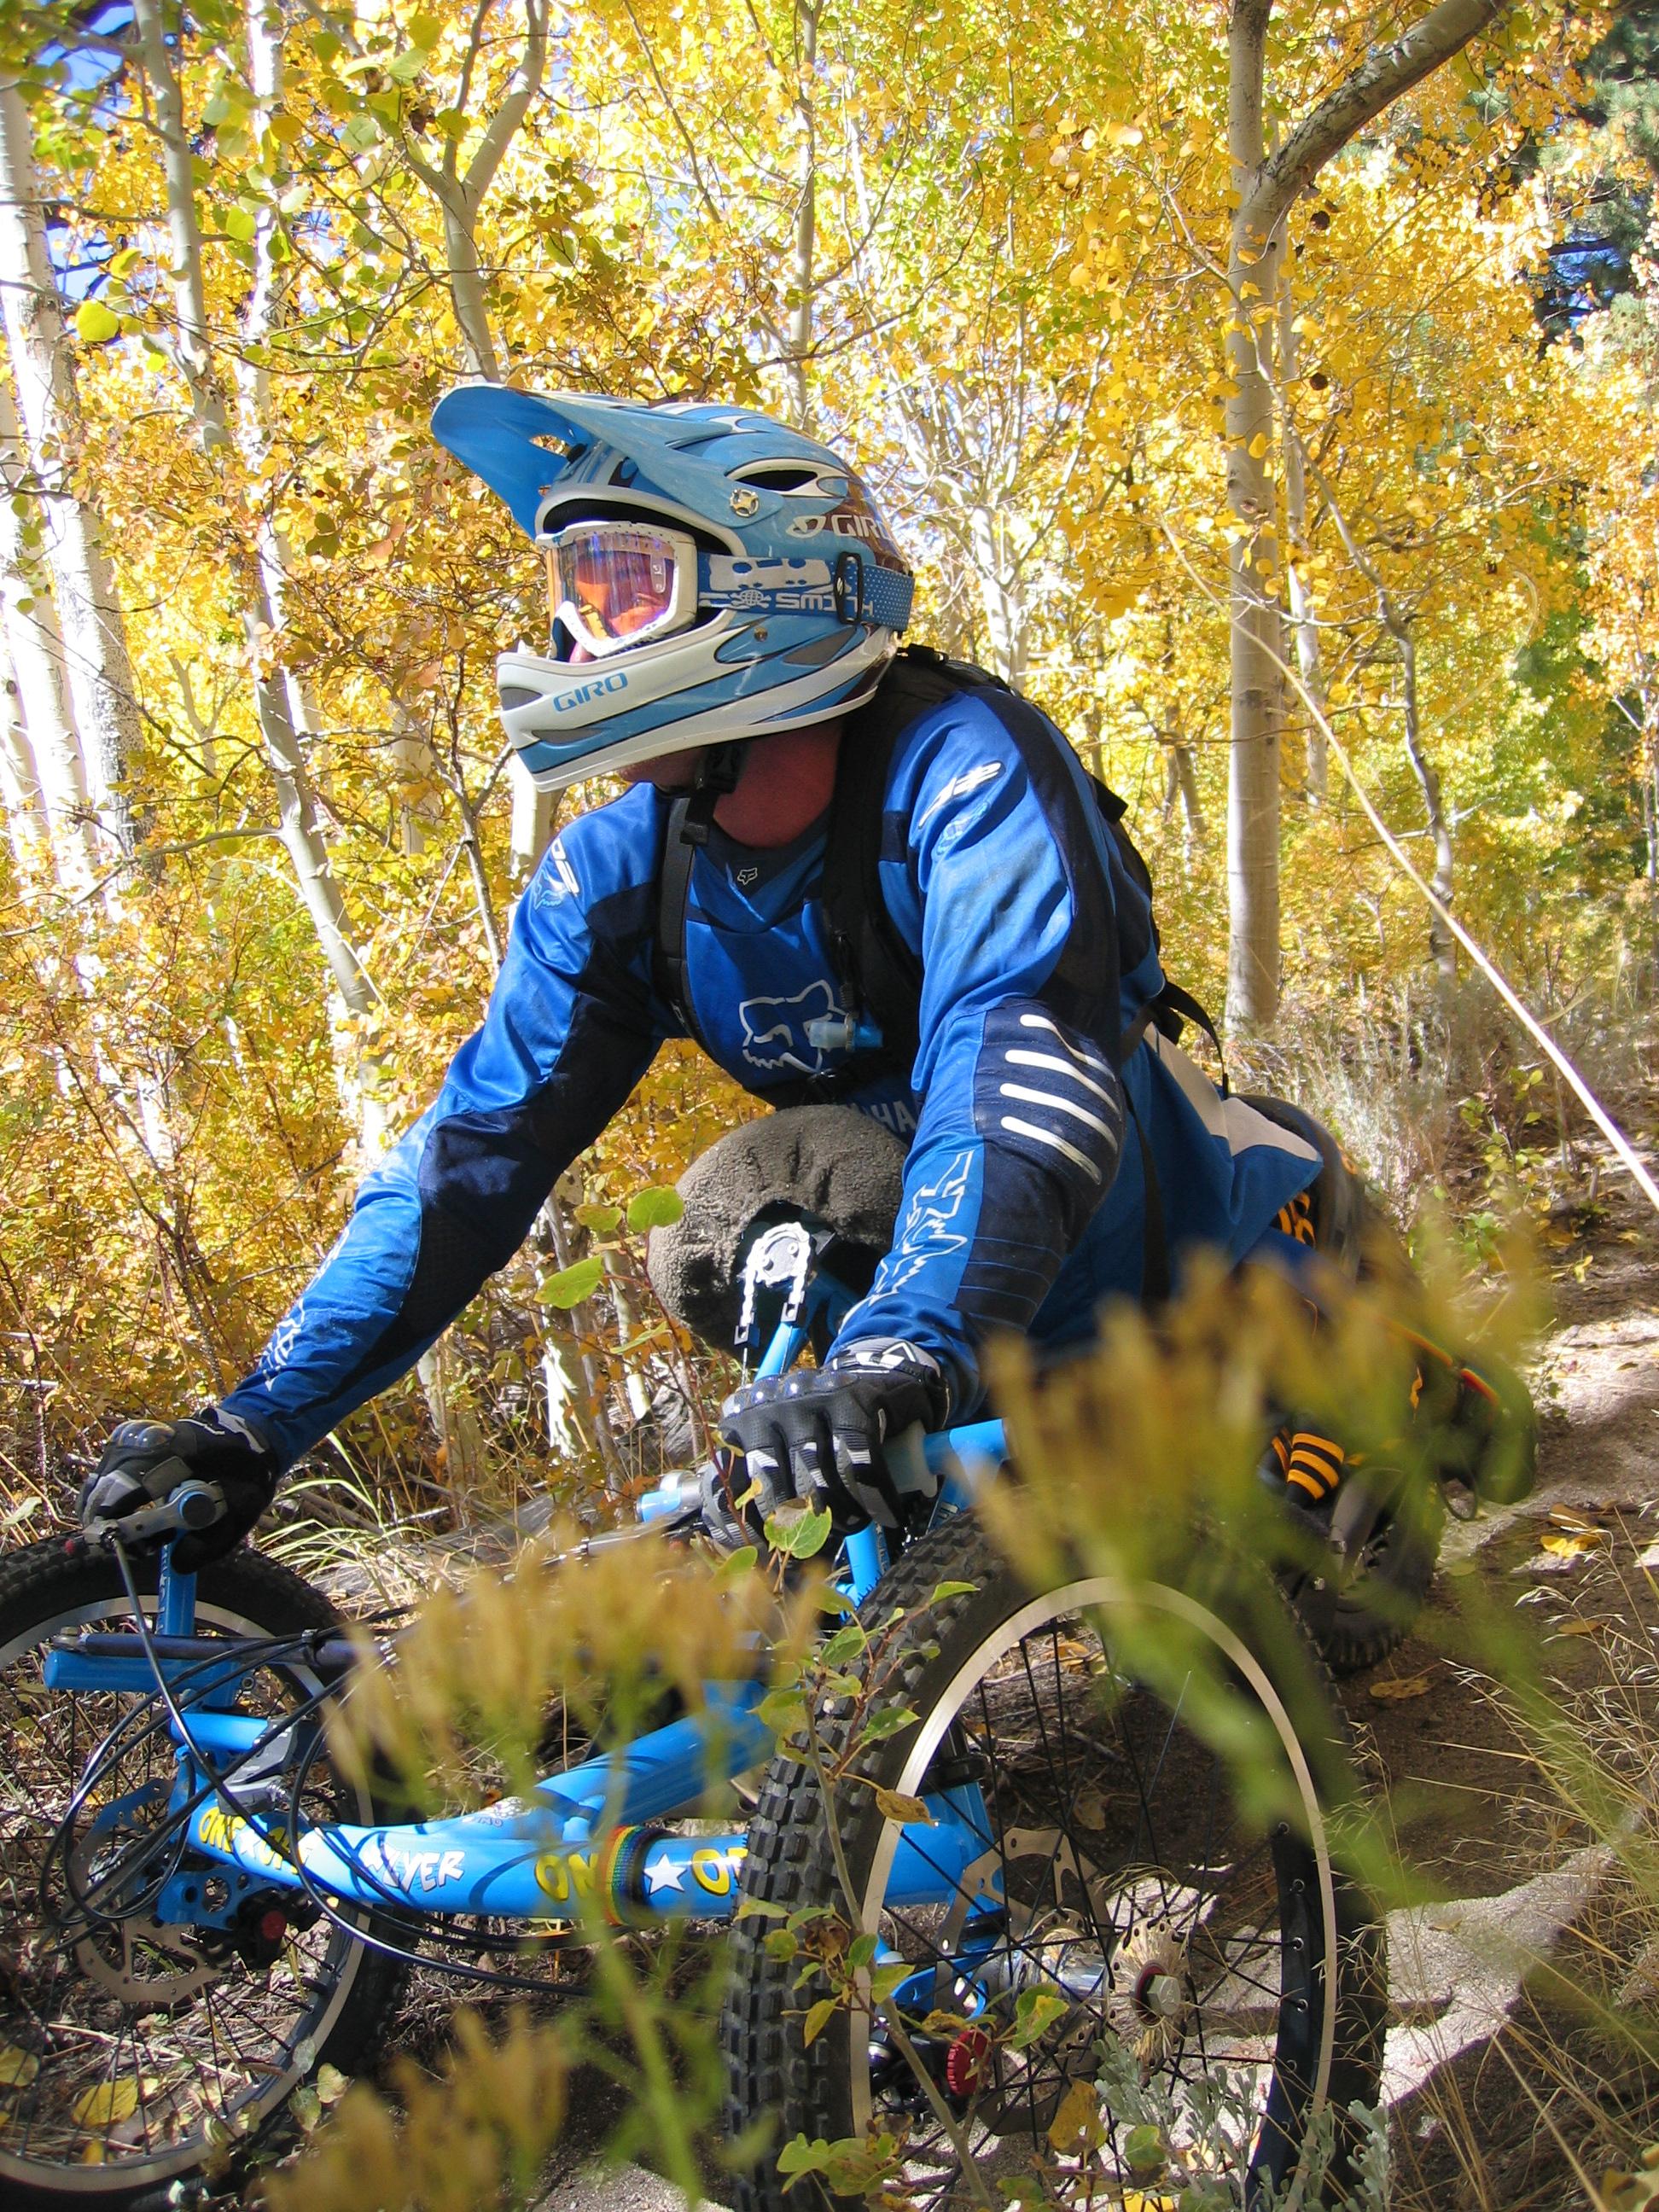 Who am i? Rigid bike with full face helmet? Bike #1